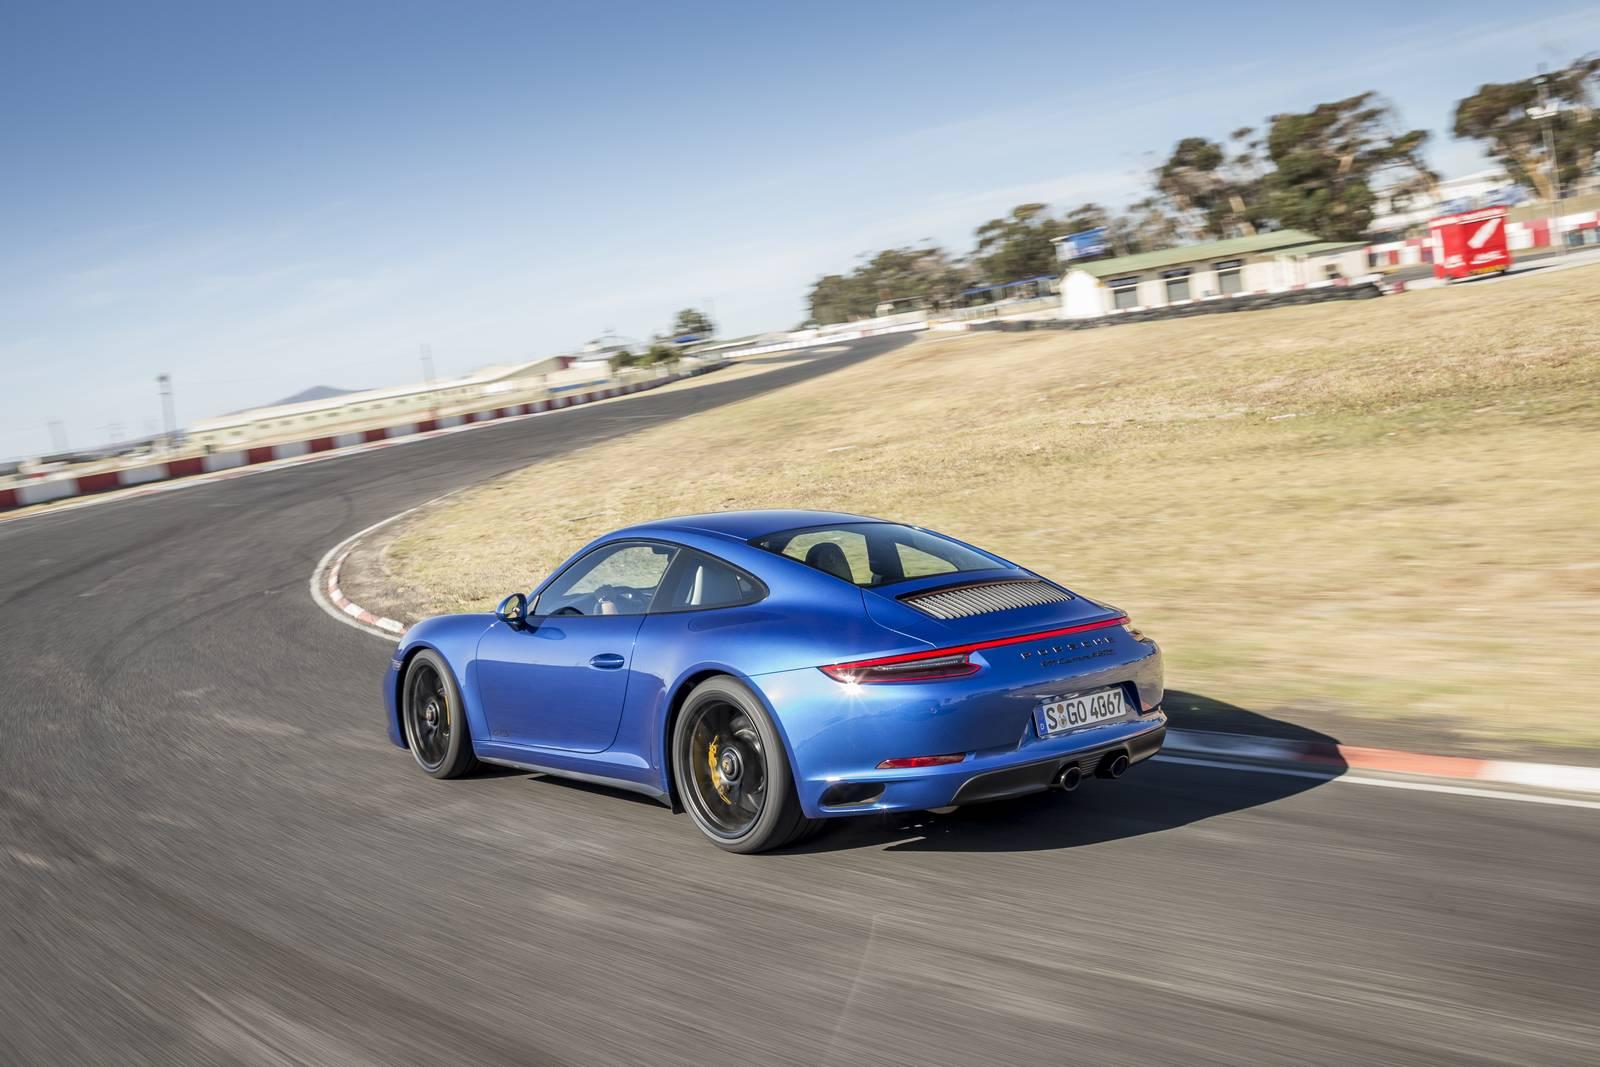 Для того чтобы выровнять производительность нового Carrera GTS по сравнению с предыдущим поколением GT3, потребовалось всего две турбины.